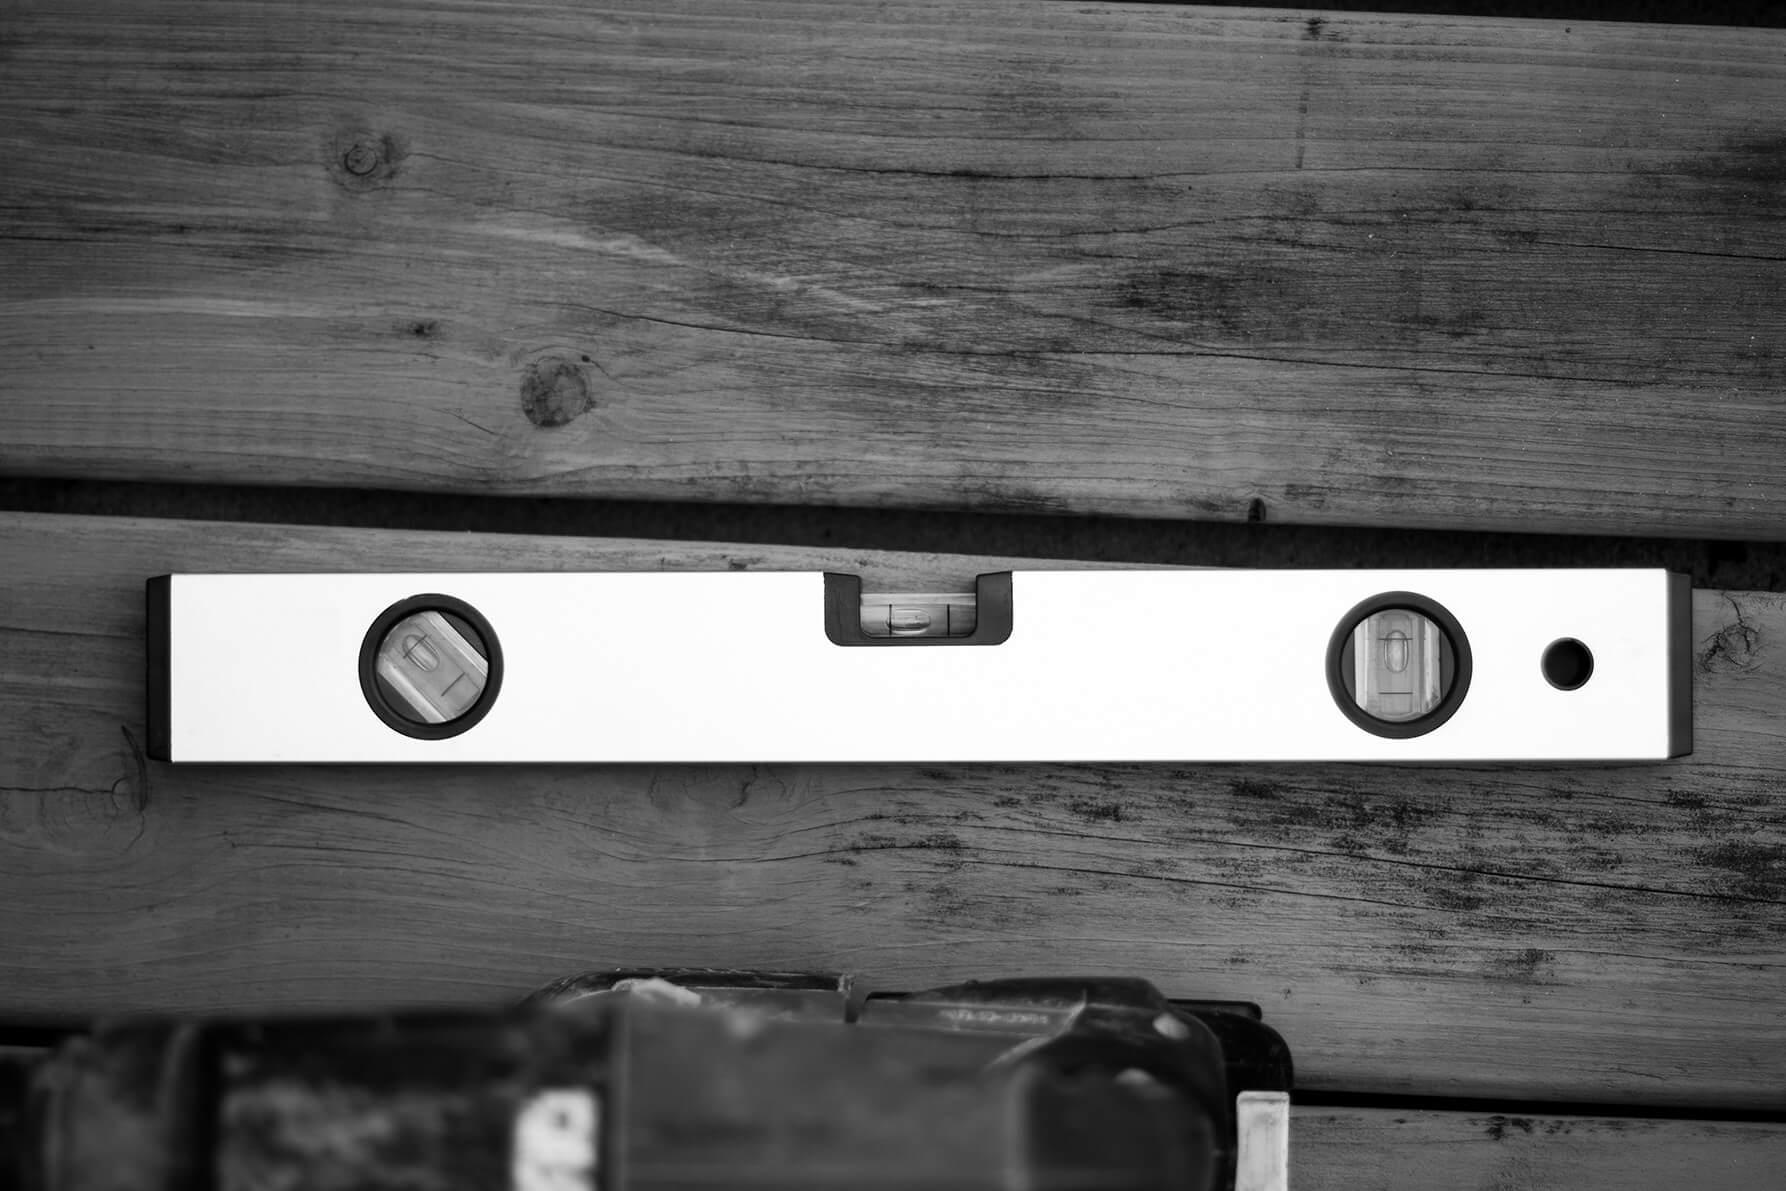 Detailfoto van een waterpas op een houten tafel in het zwart wit.